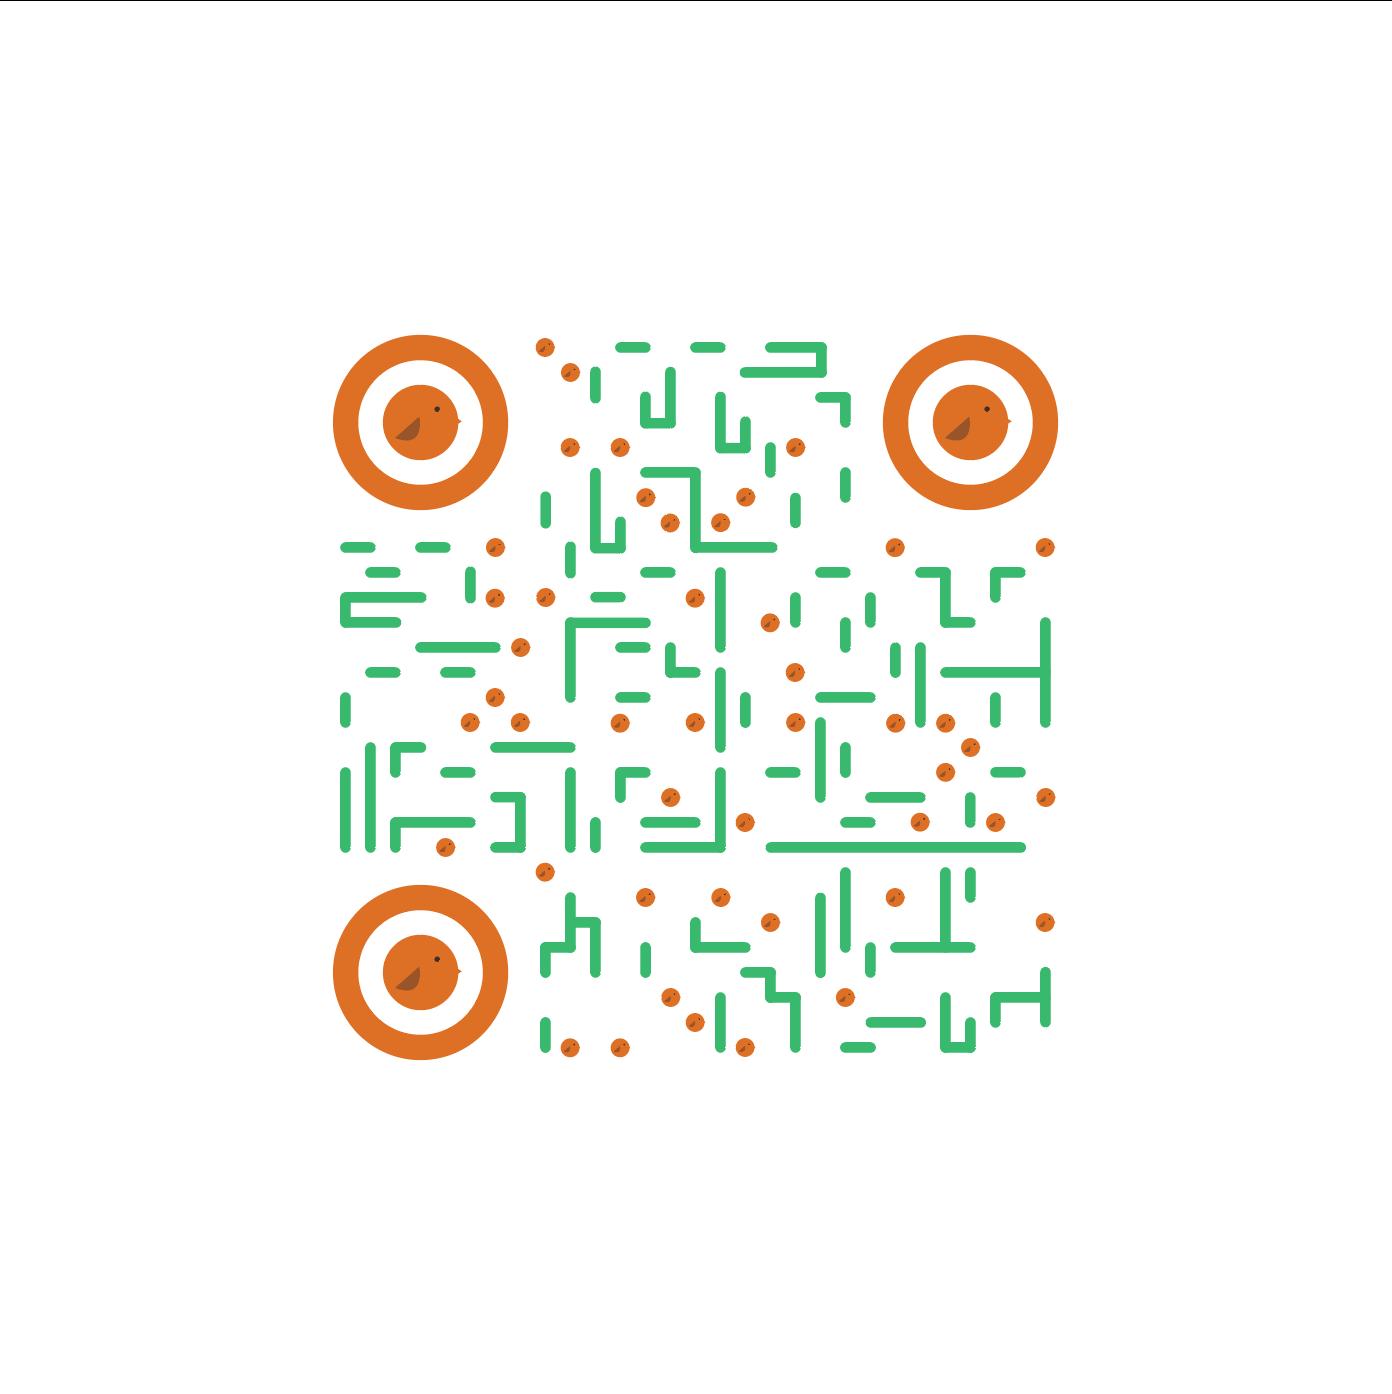 创意二维码设计基础篇图片